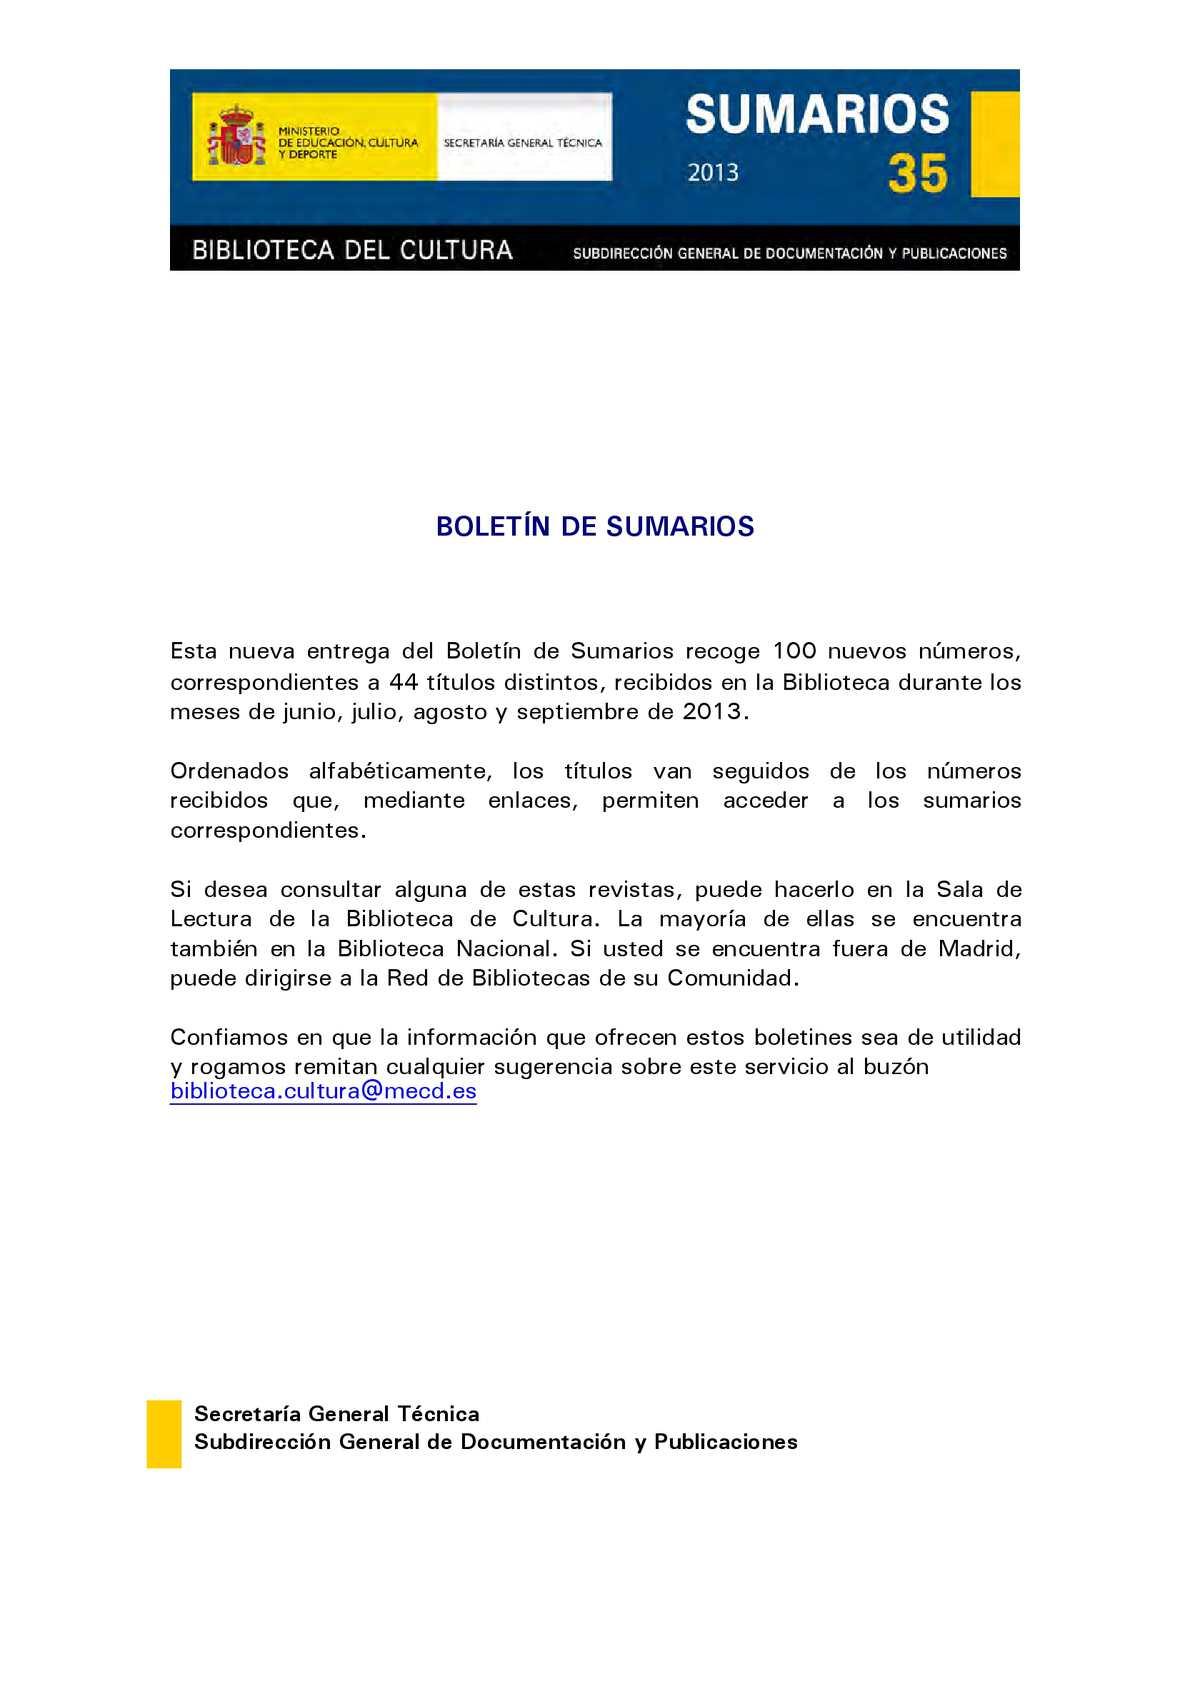 Calaméo - Boletín de Sumarios nº 35 del Centro de Documentación Cultural